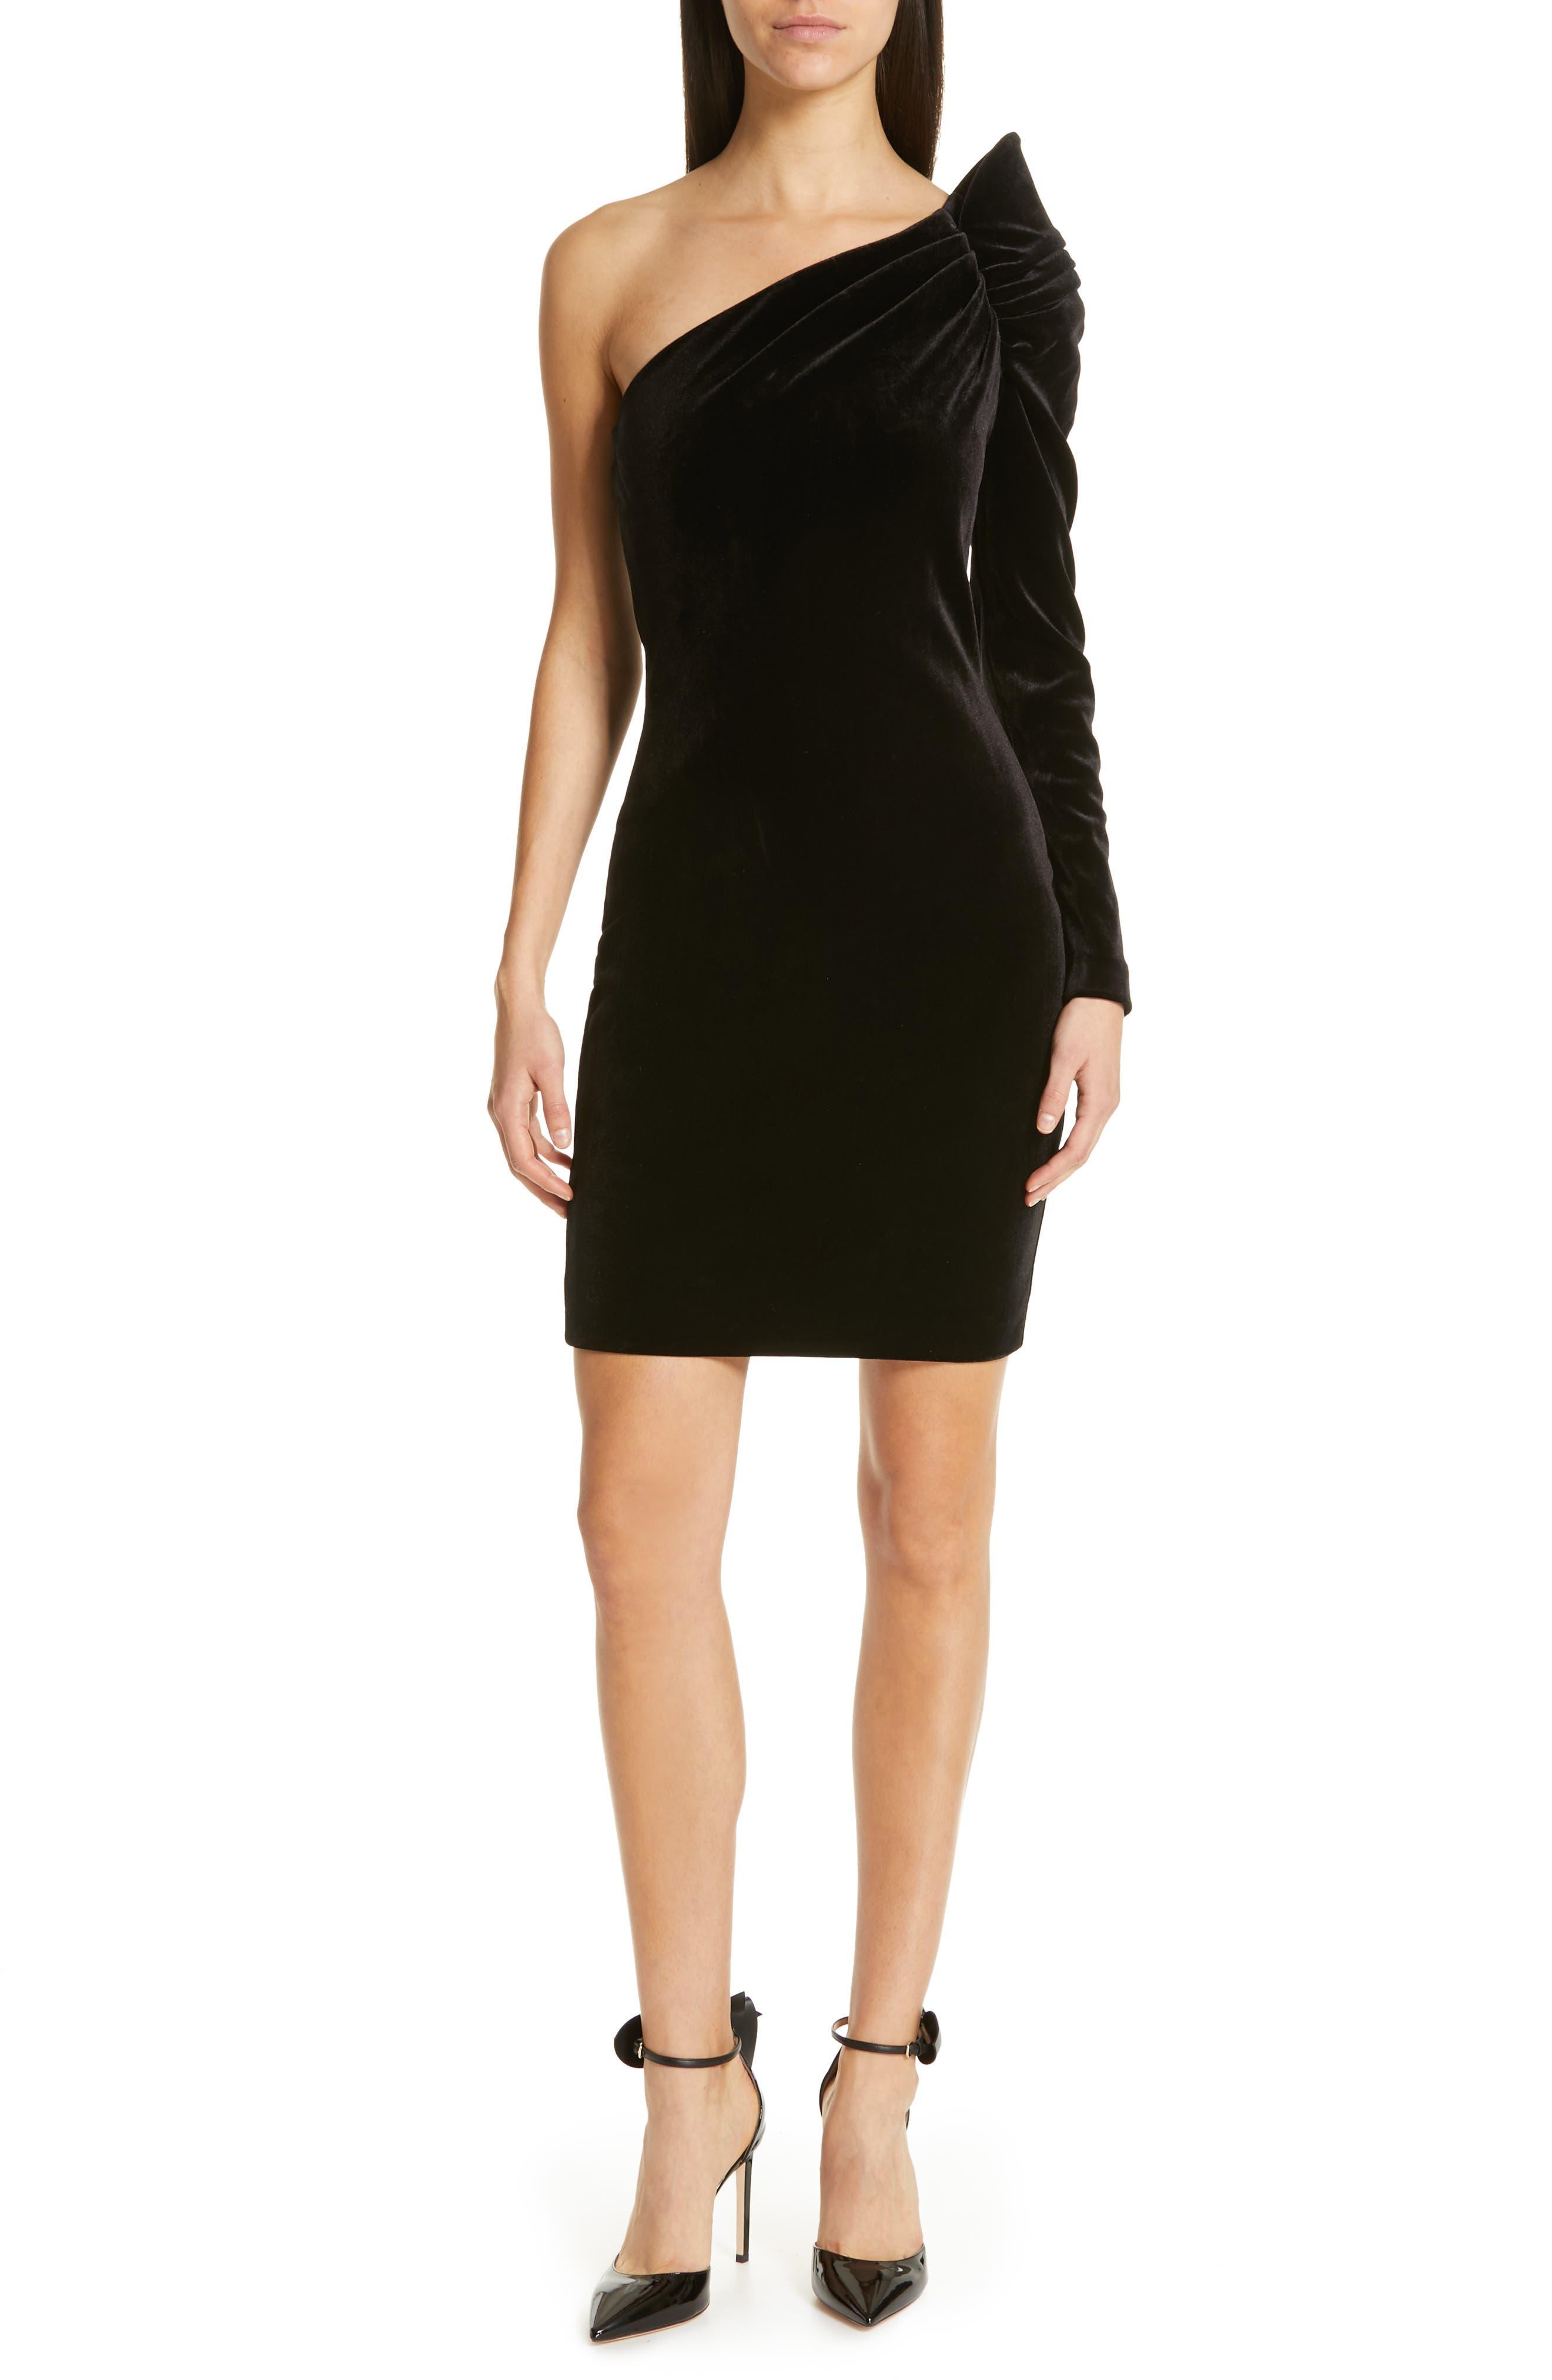 Awwtum One-Shoulder Velvet Body-Con Dress,                             Main thumbnail 1, color,                             BLACK